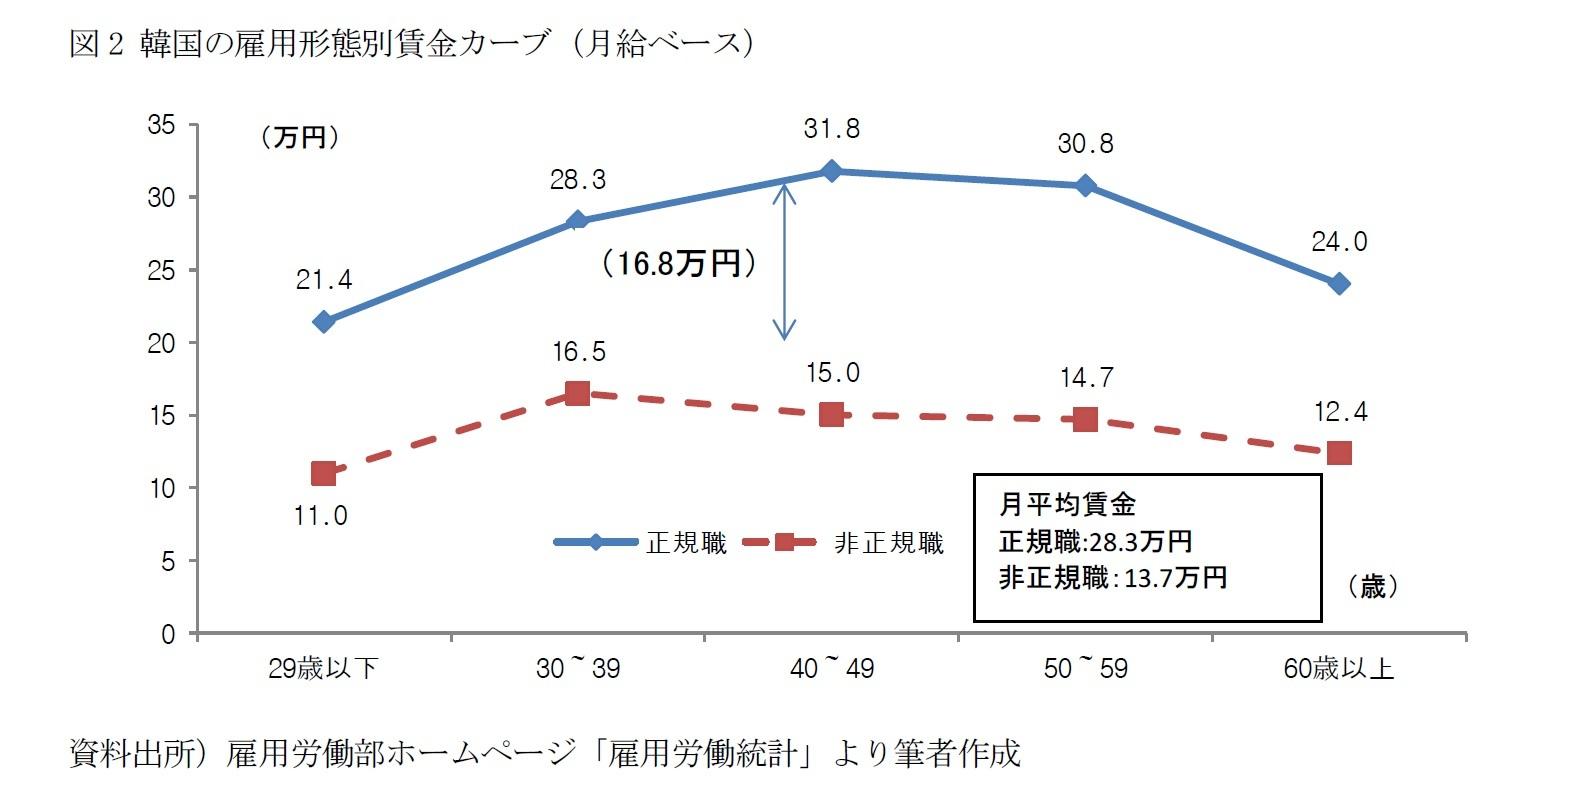 図2 韓国の雇用形態別賃金カーブ(月給ベース)